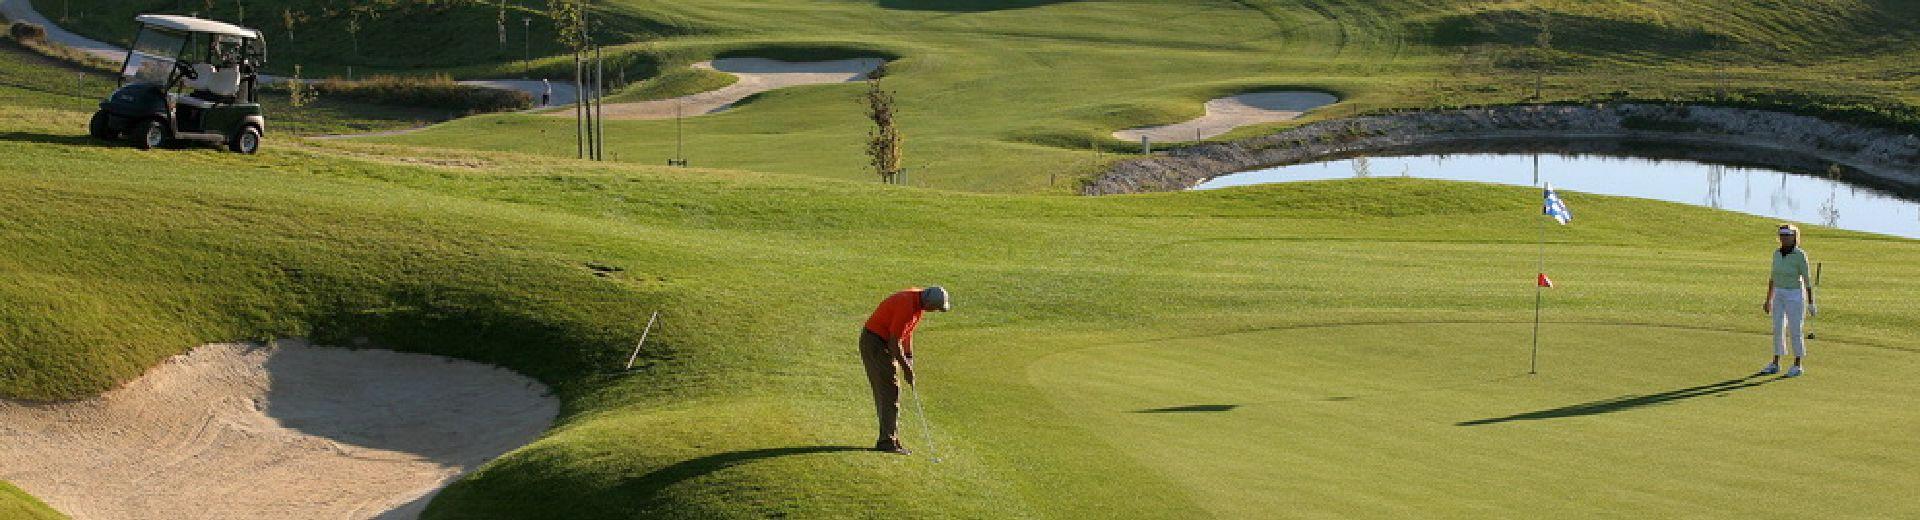 Golfclub Passau-Raßbach e.V.